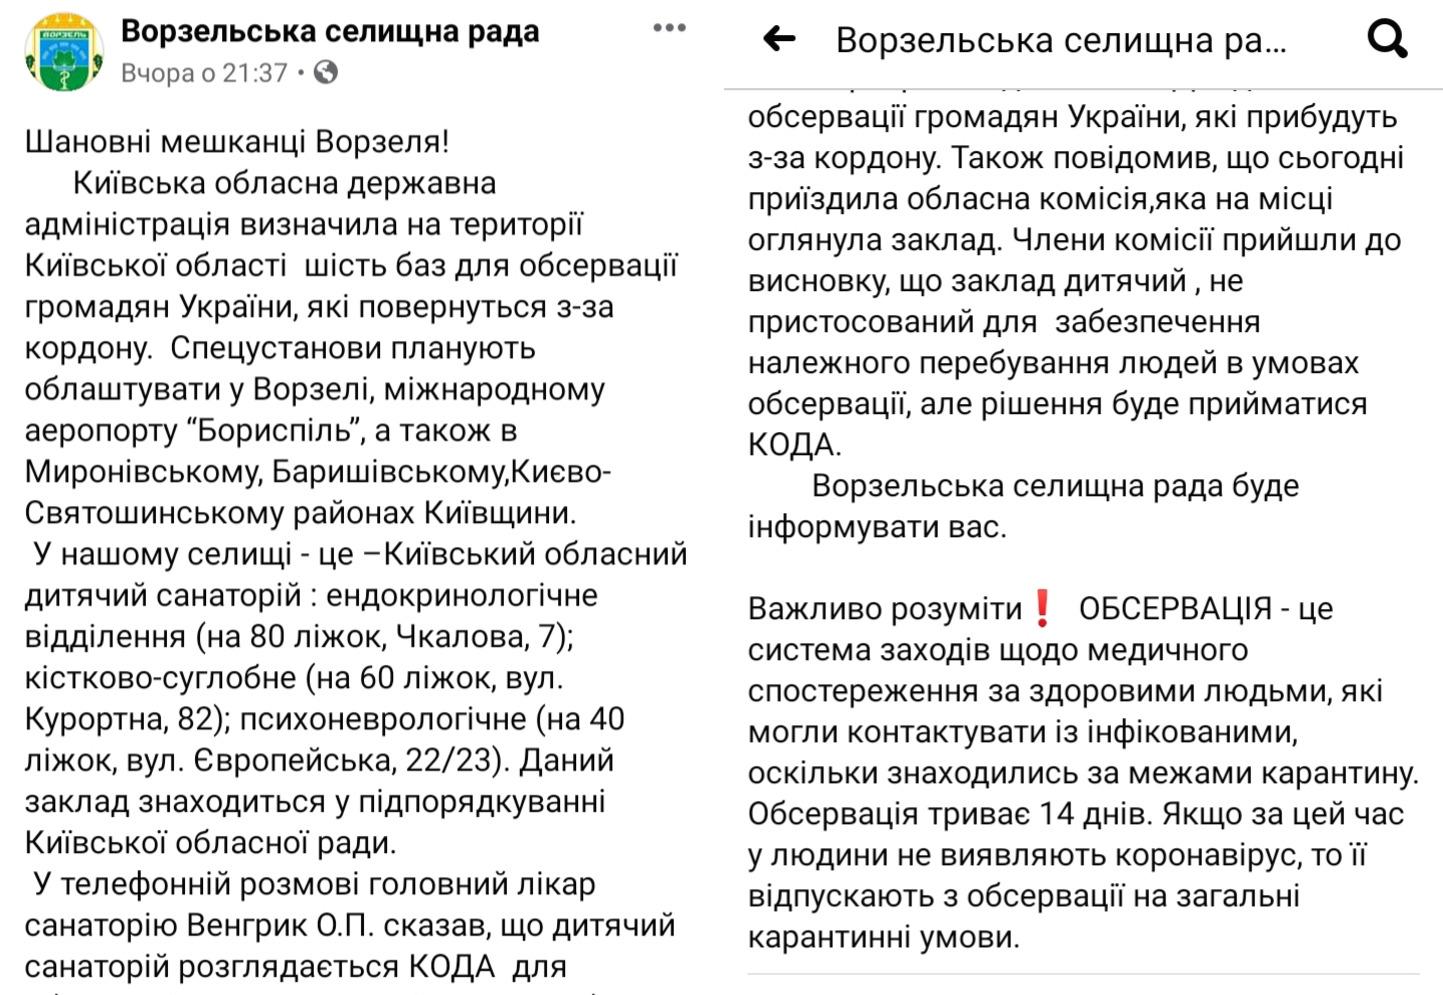 На Київщині обрали бази для обсервації людей, які повертаються з-за кордону -  - imgonline com ua 2to1 3JDLIqlZfIwb